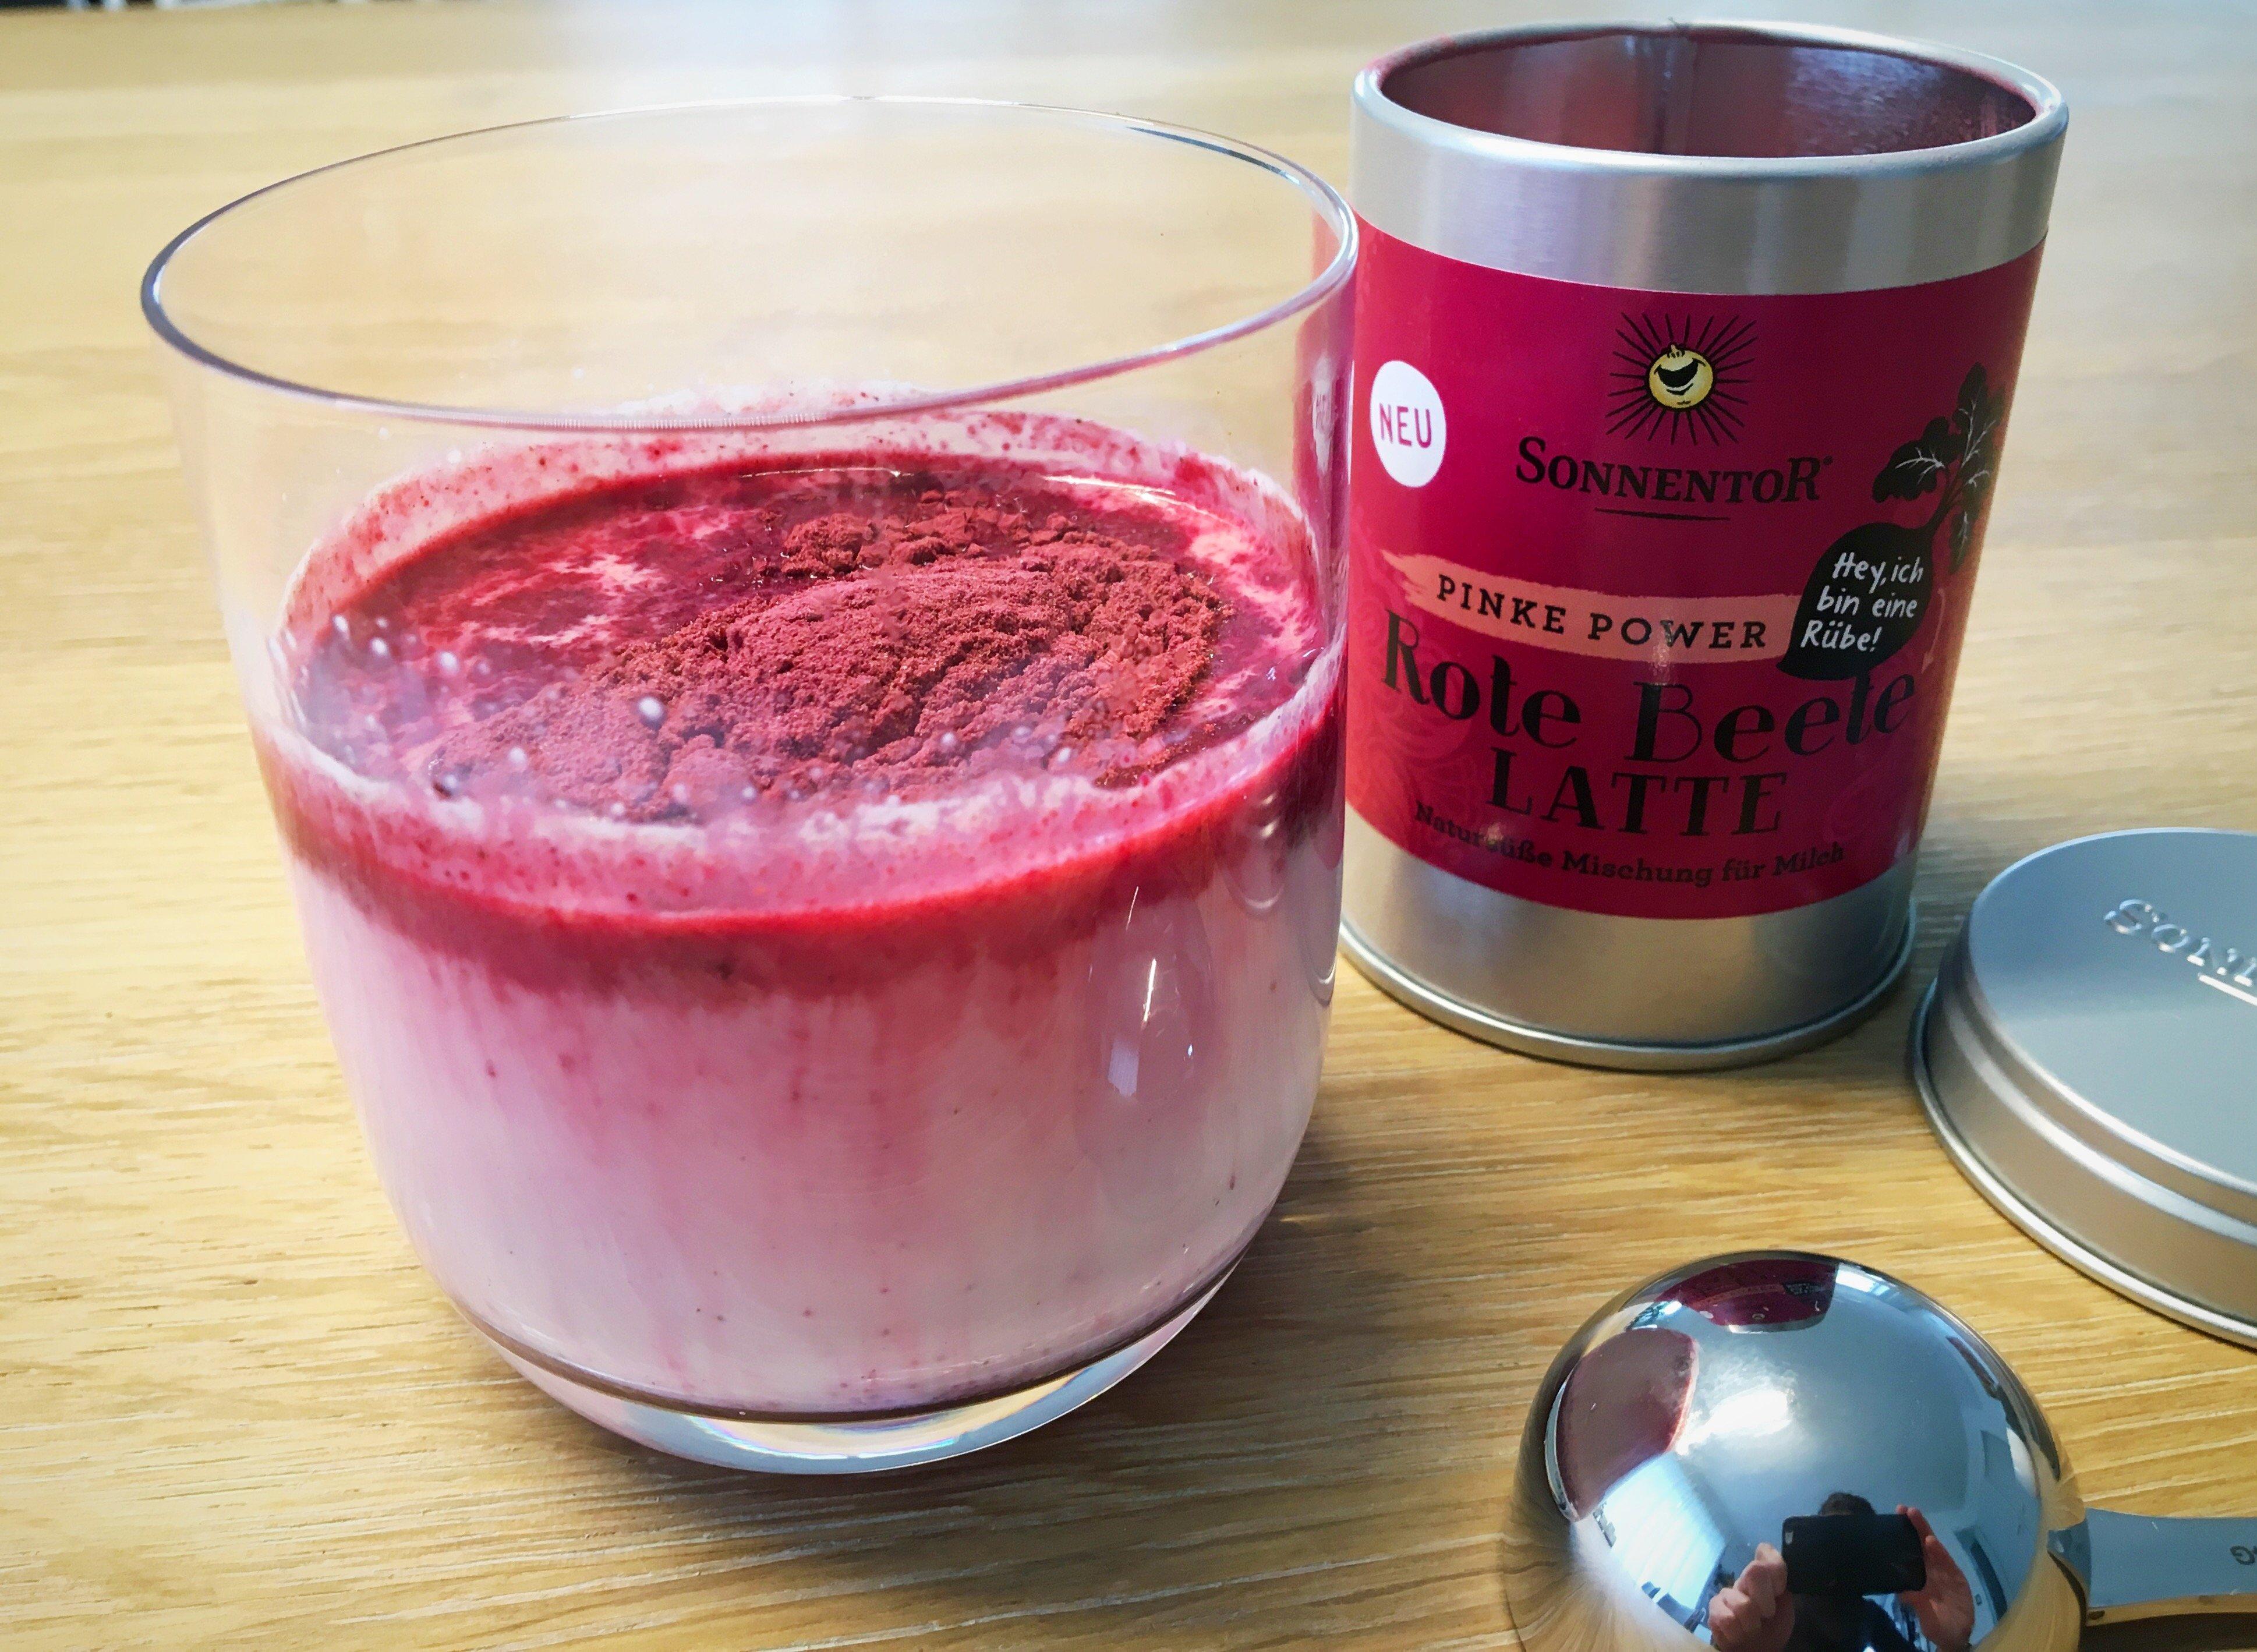 Foto 03.02.18 11 16 55 - Rote Beete Latte und Kardamom Latte von Sonnentor